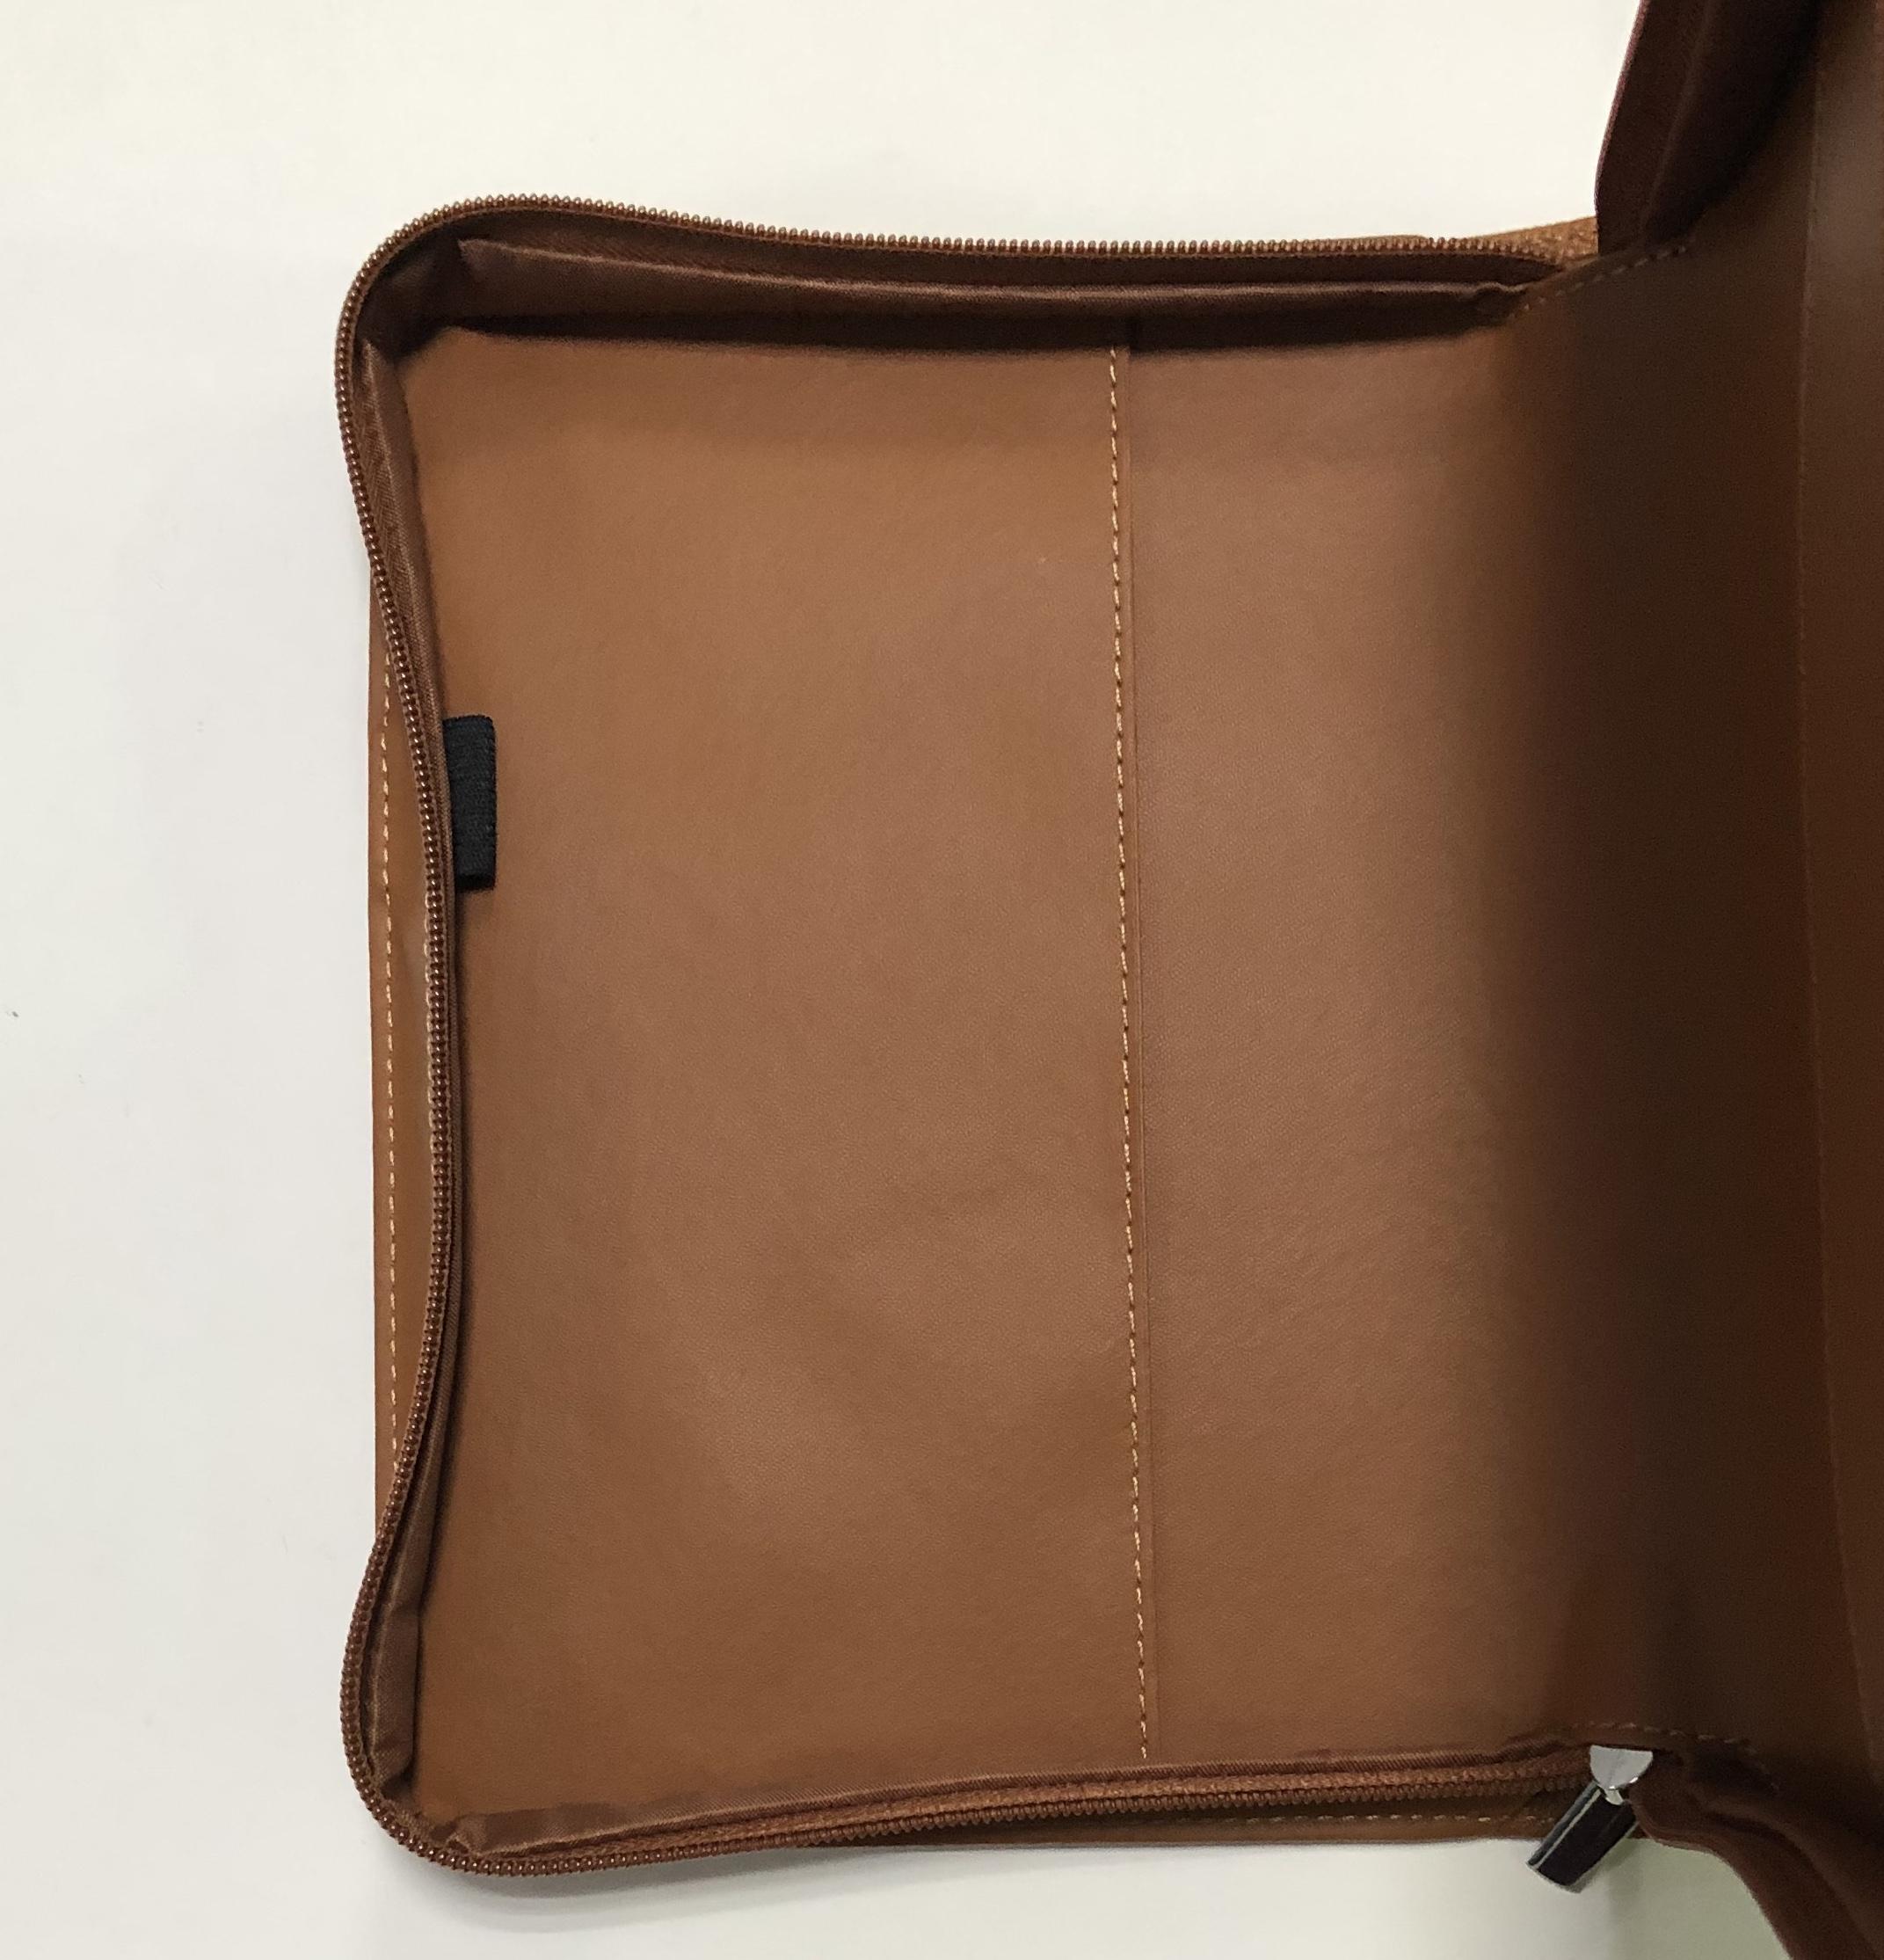 Высококачественный кожаный портативный органайзер на заказ, чехлы для книг Библии с ручкой